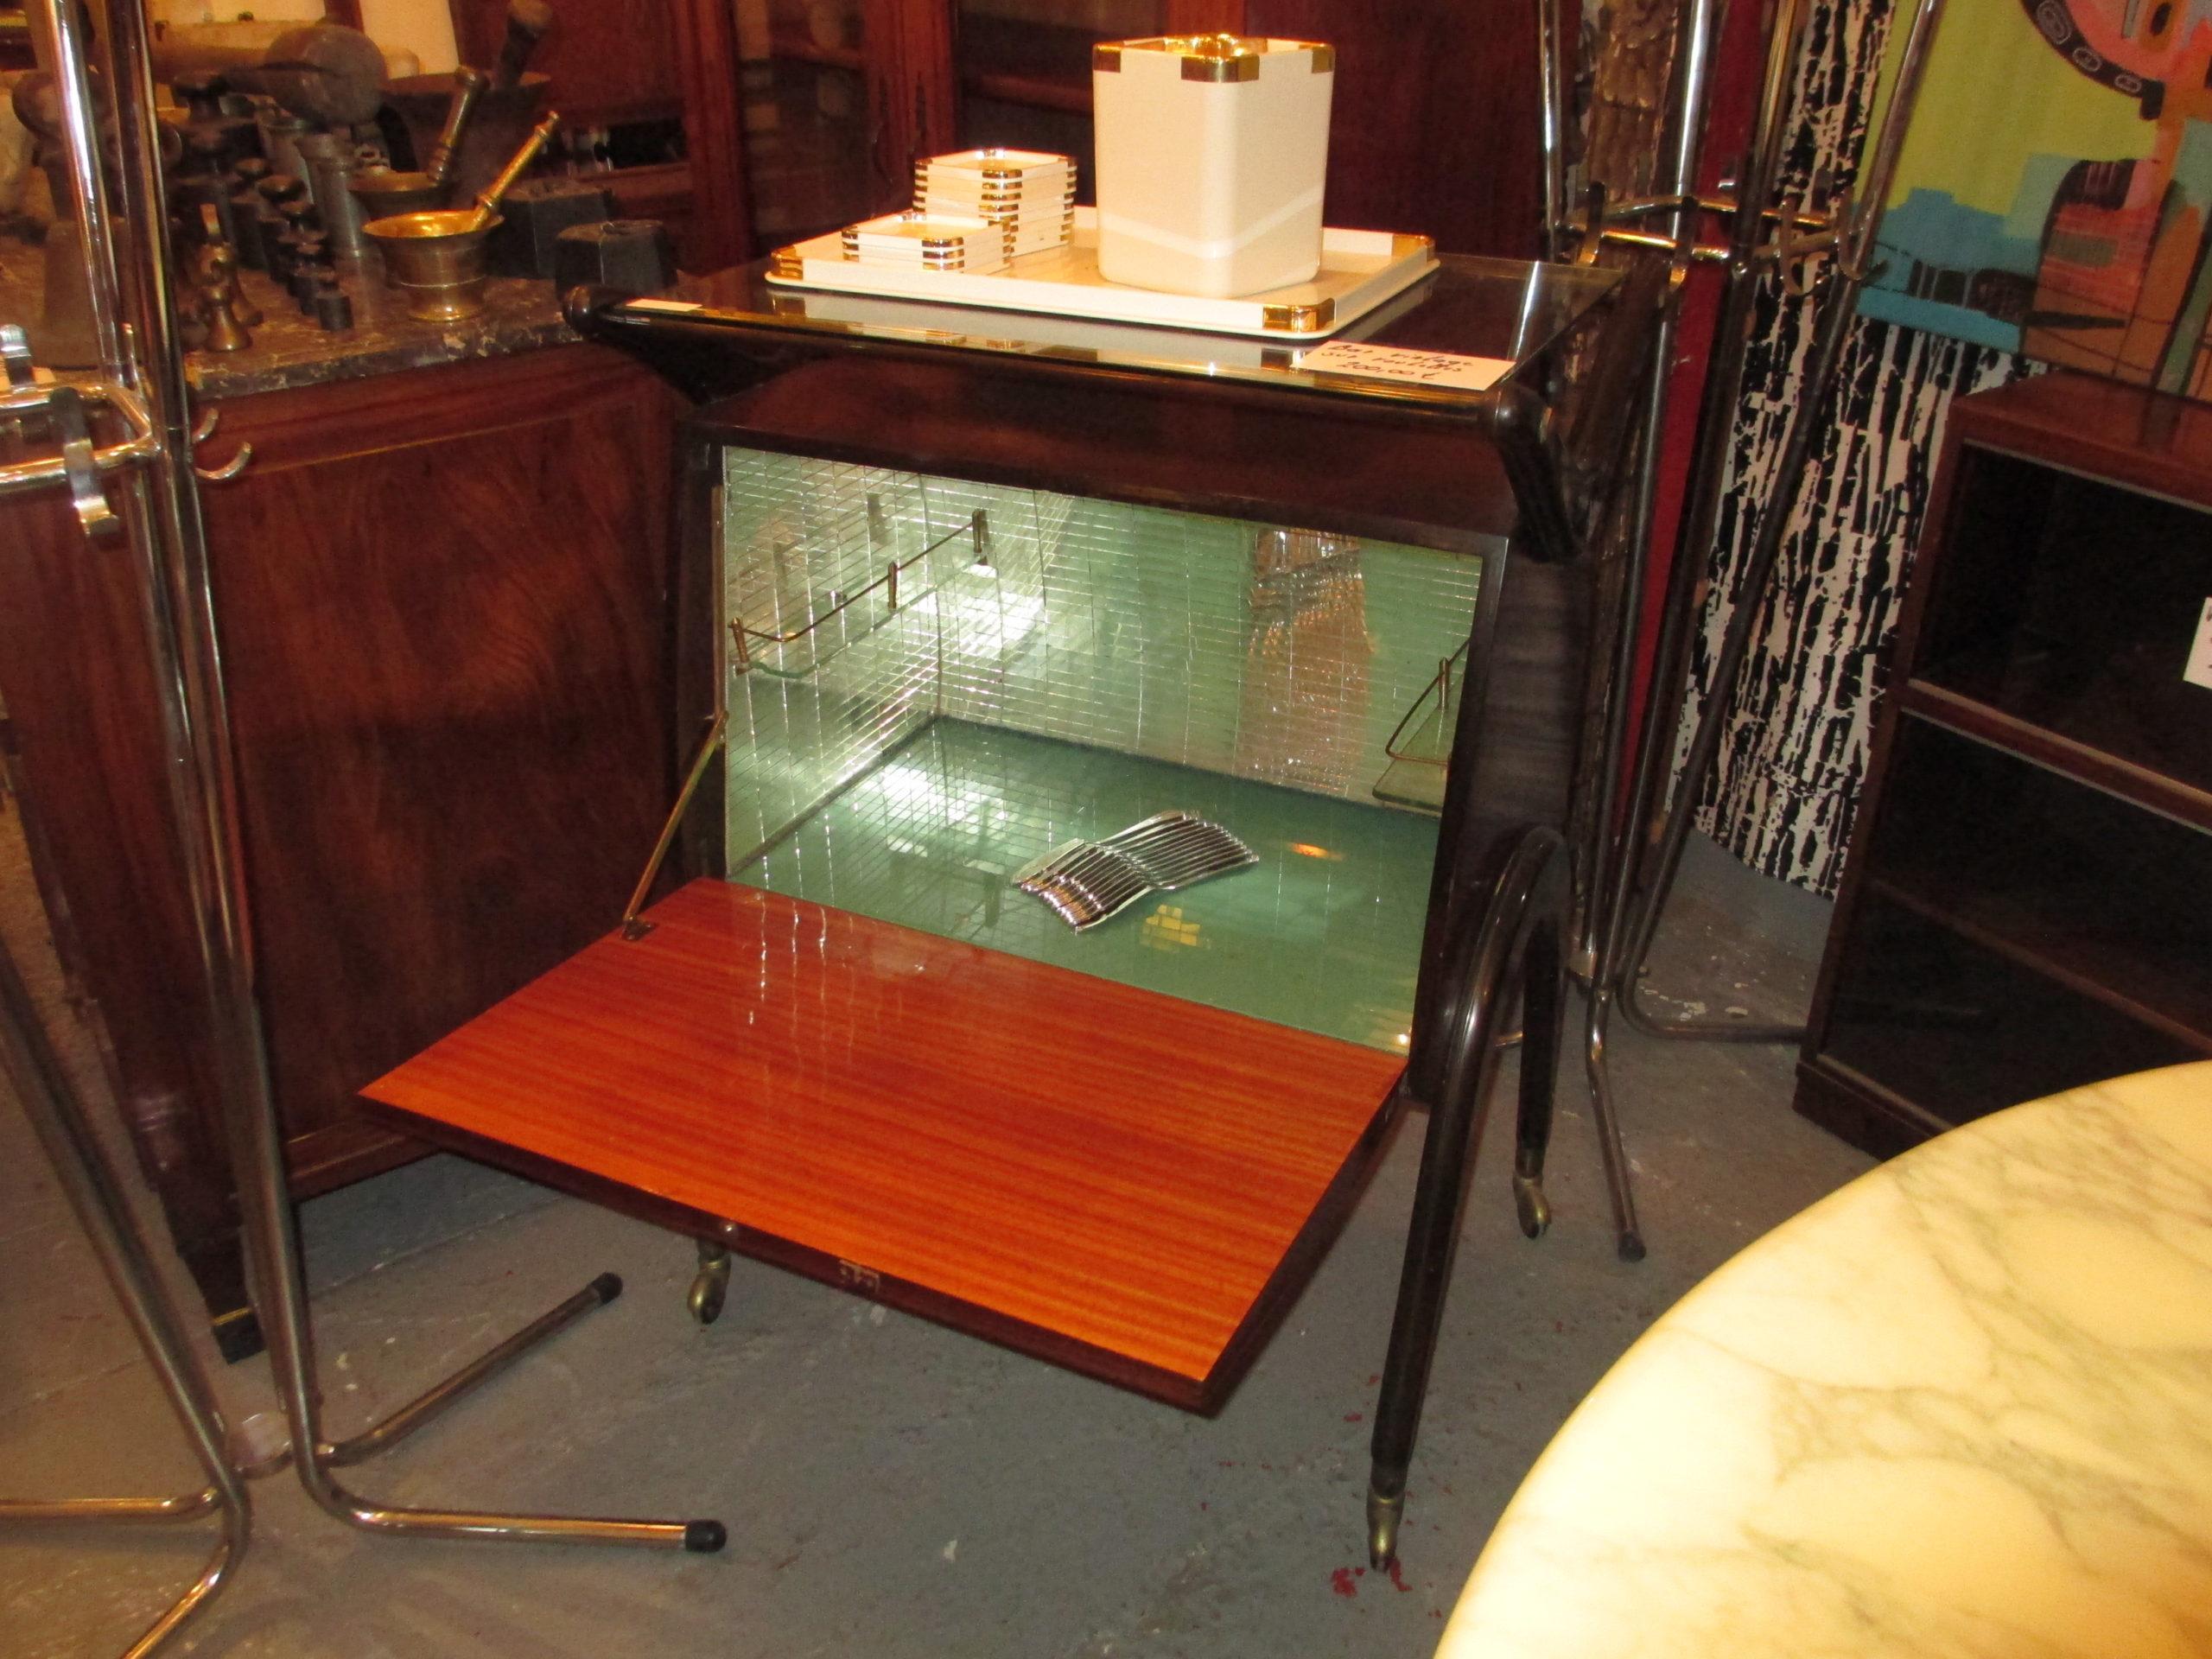 Bar vintage intérieur miroir Image